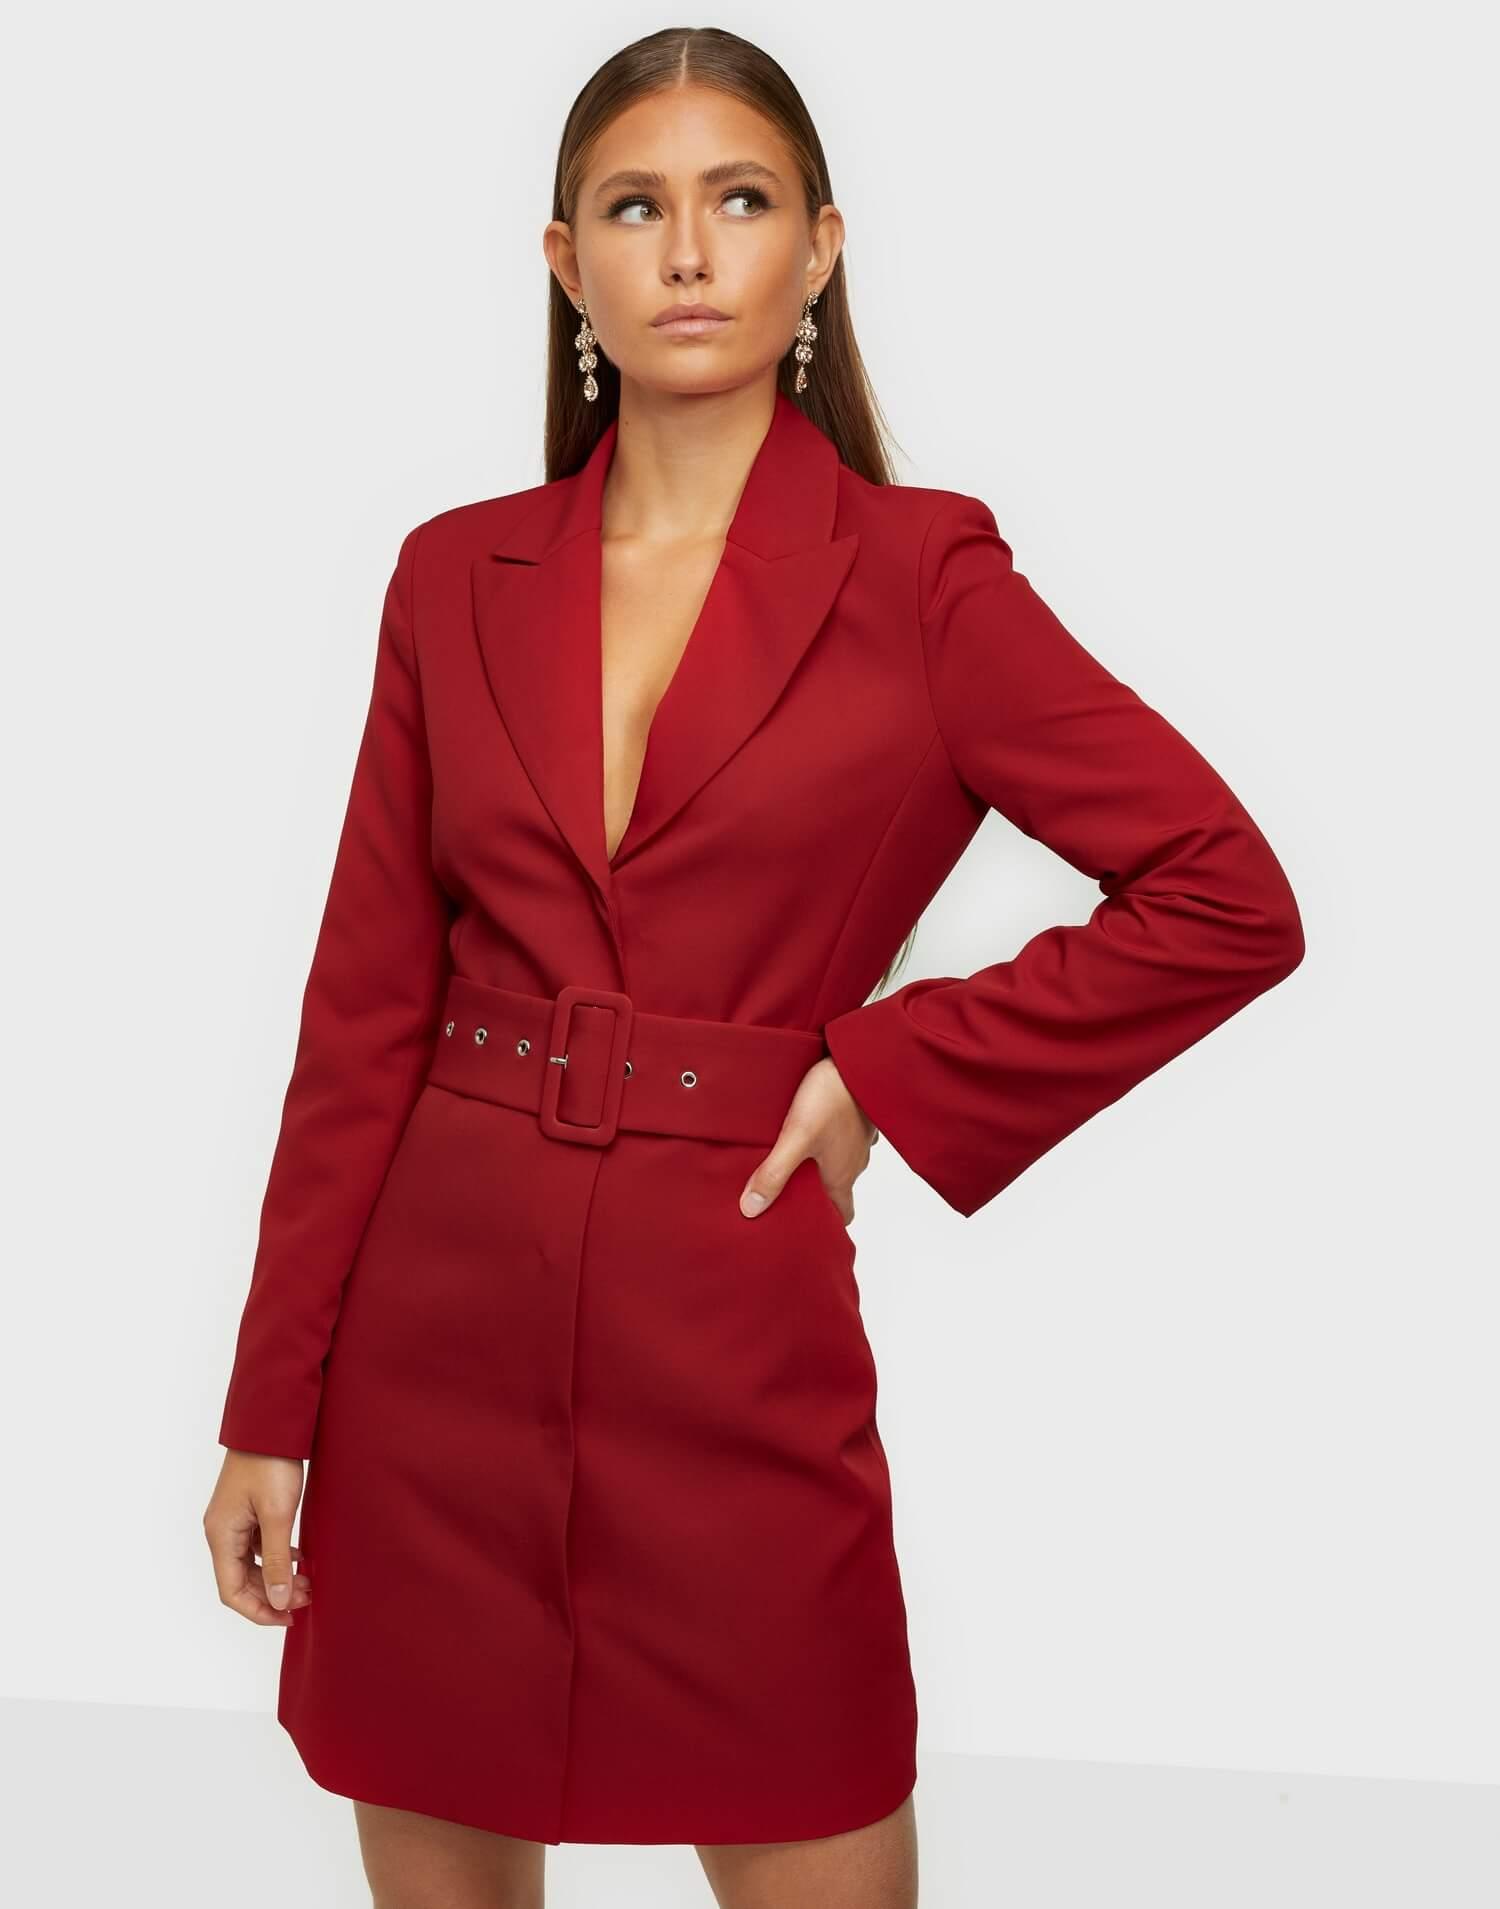 En röd klänning i kostymmodell.